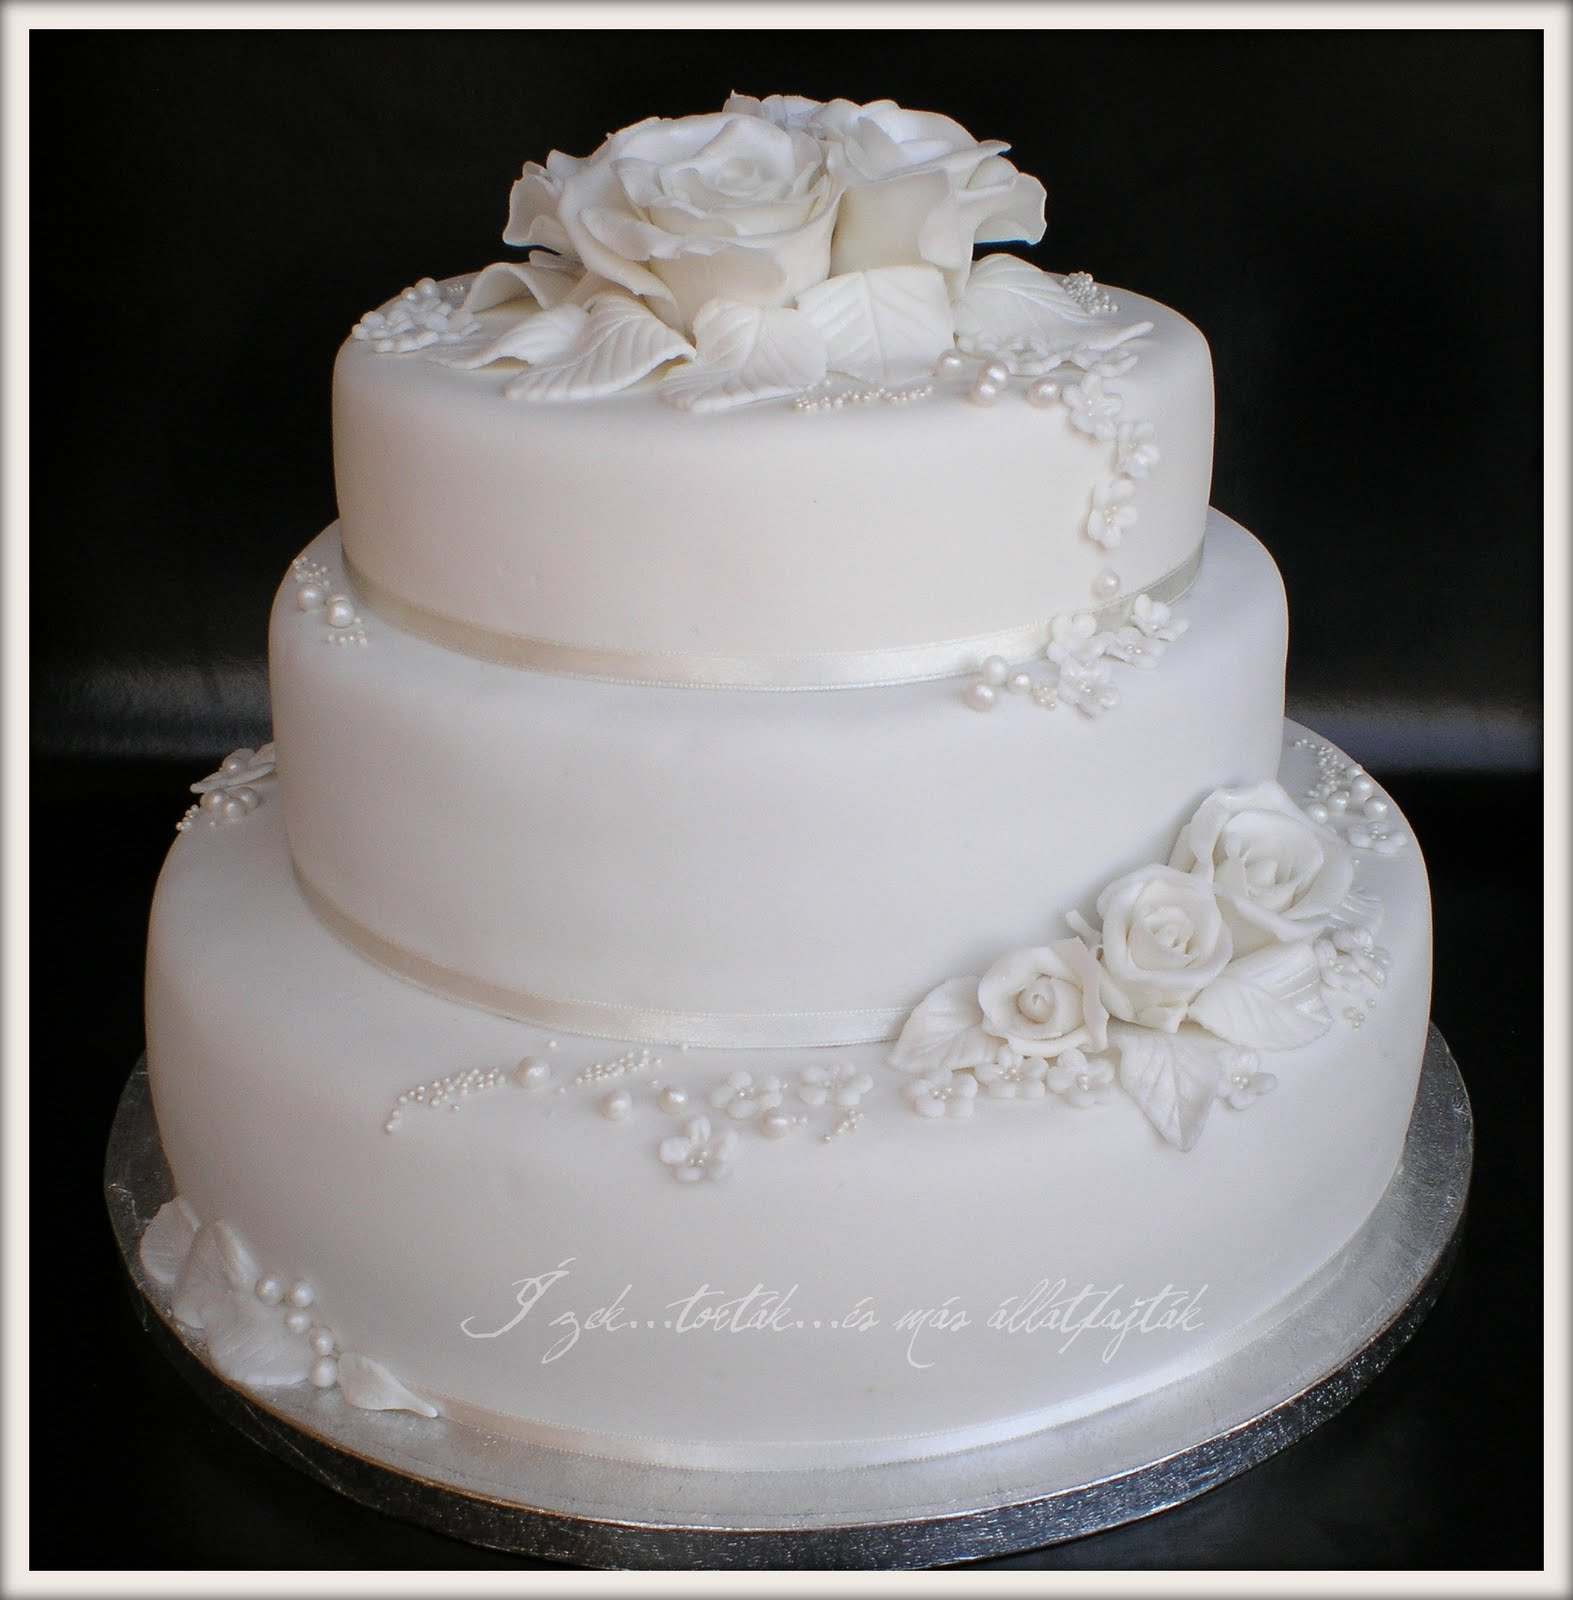 menyasszonyi torta képek Ízektortákés más állatfajták: Menyasszonyi tortám   az első! menyasszonyi torta képek